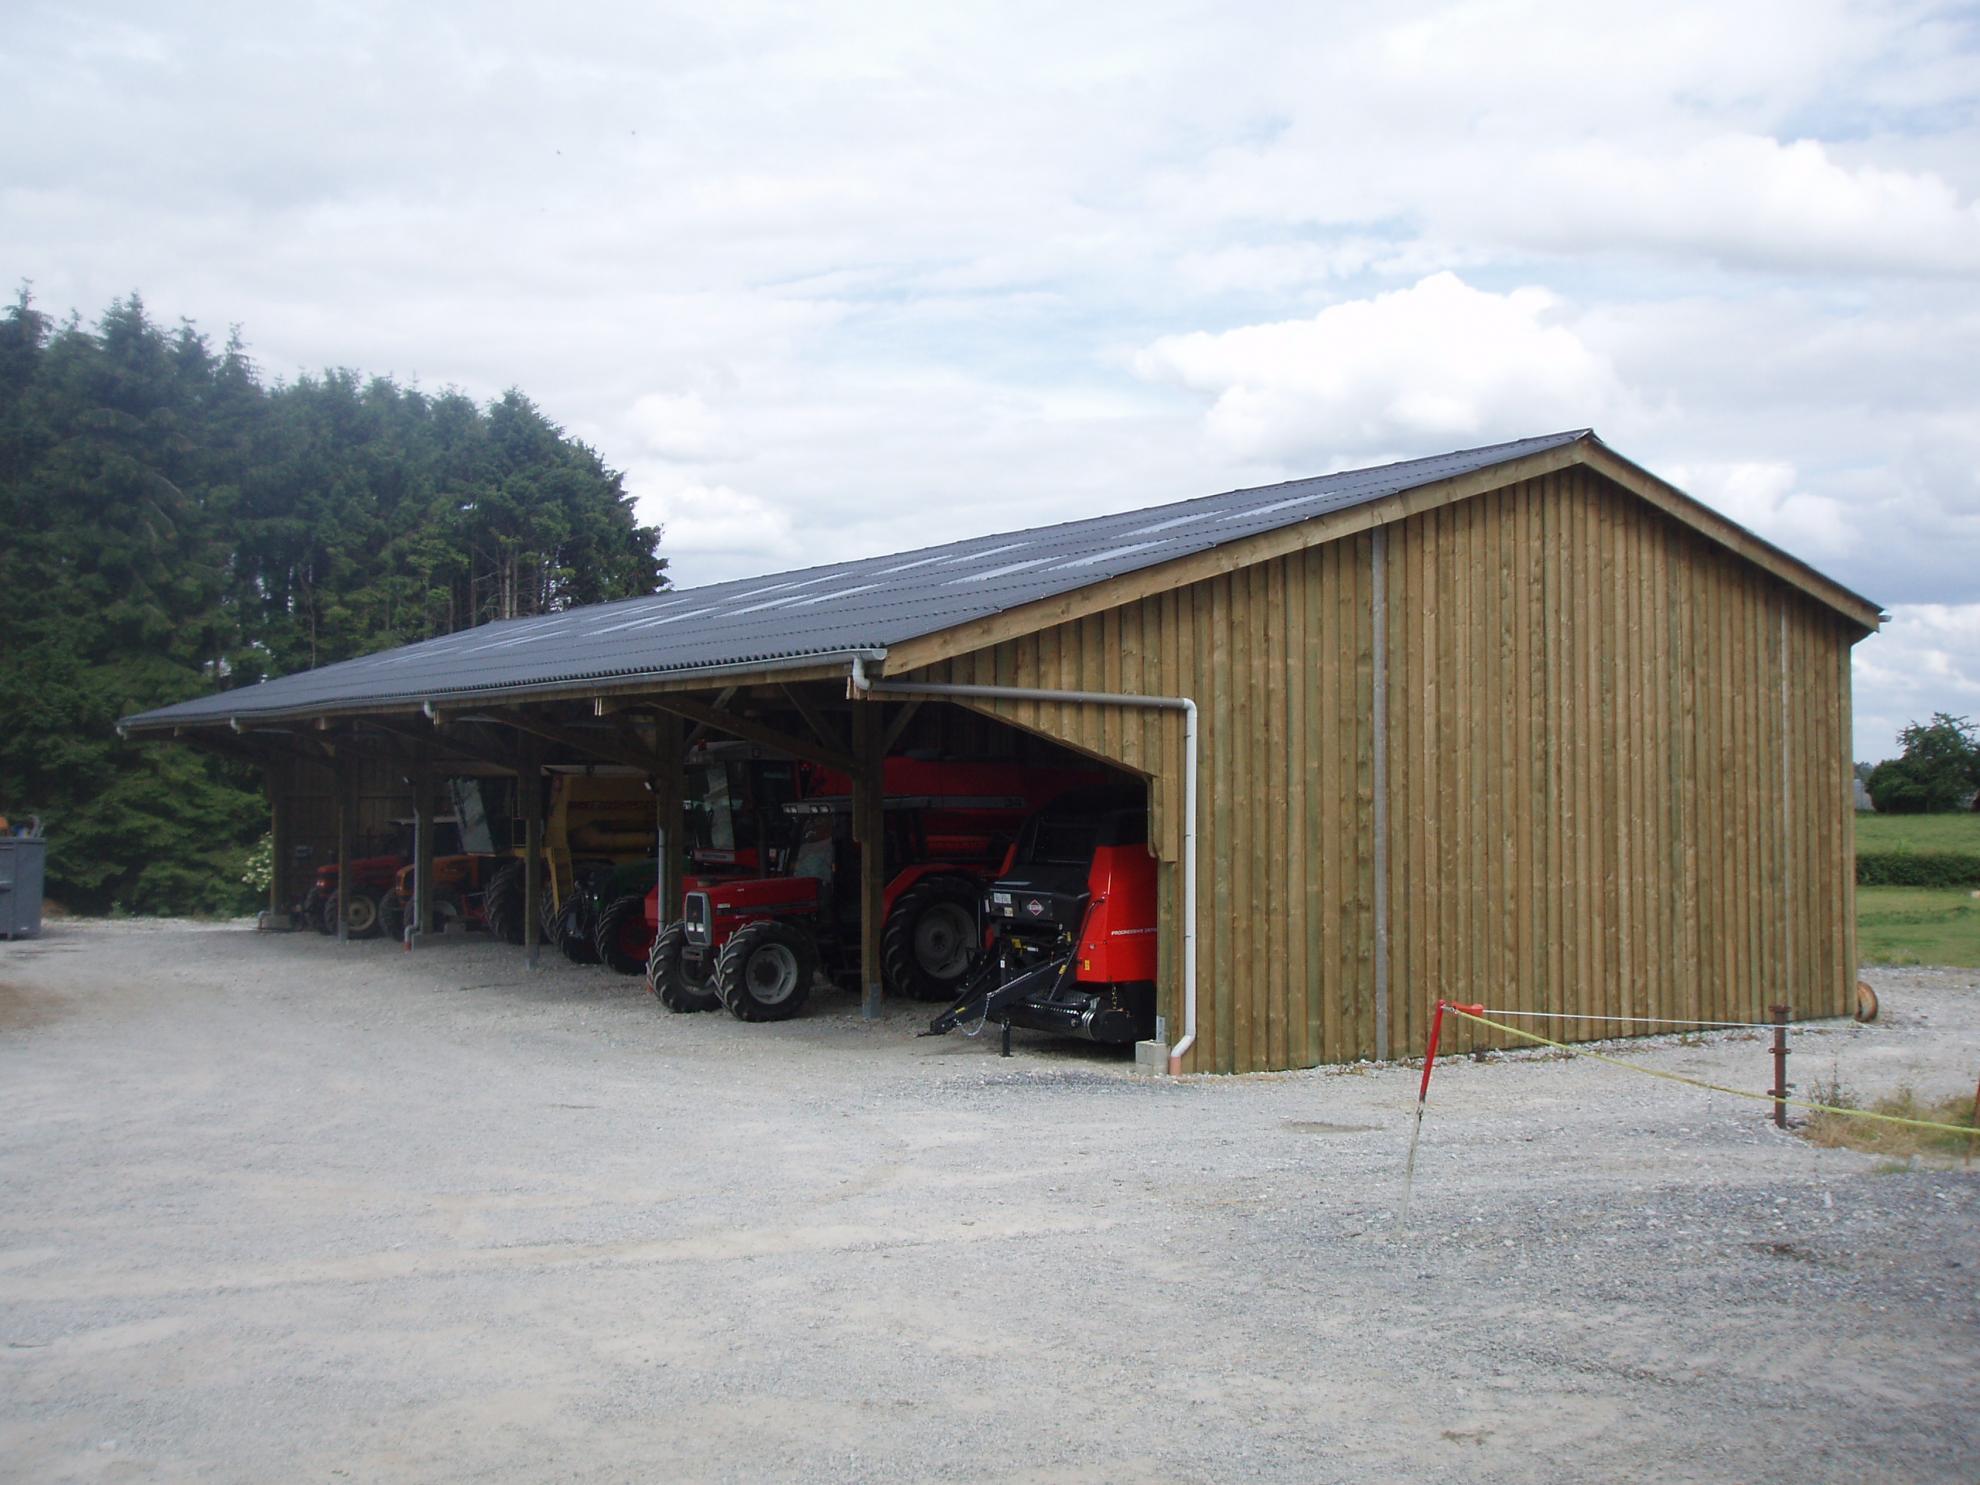 Constructeur batiment hangar agricole et table en bois havelange province namur belgique - Constructeur de hangar agricole ...